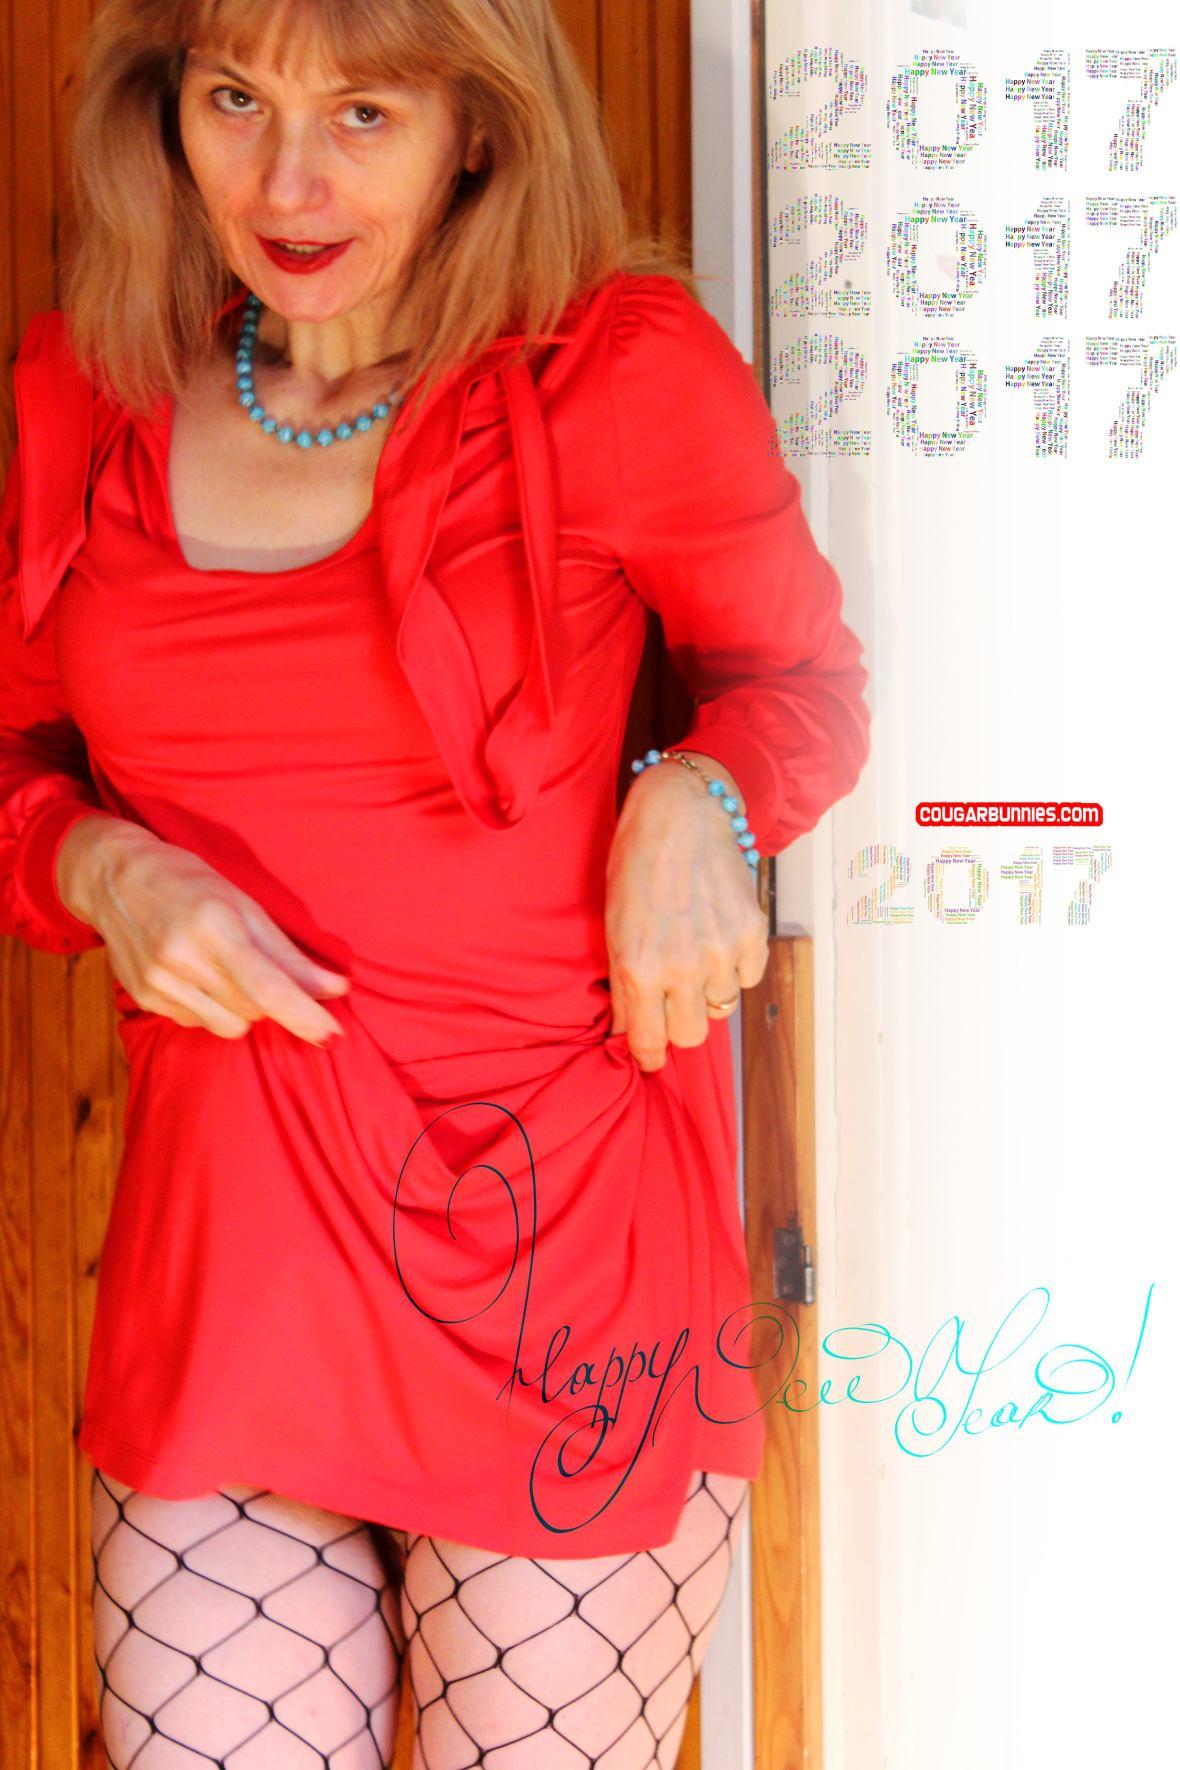 Happy New Year - CougarBunnies.com